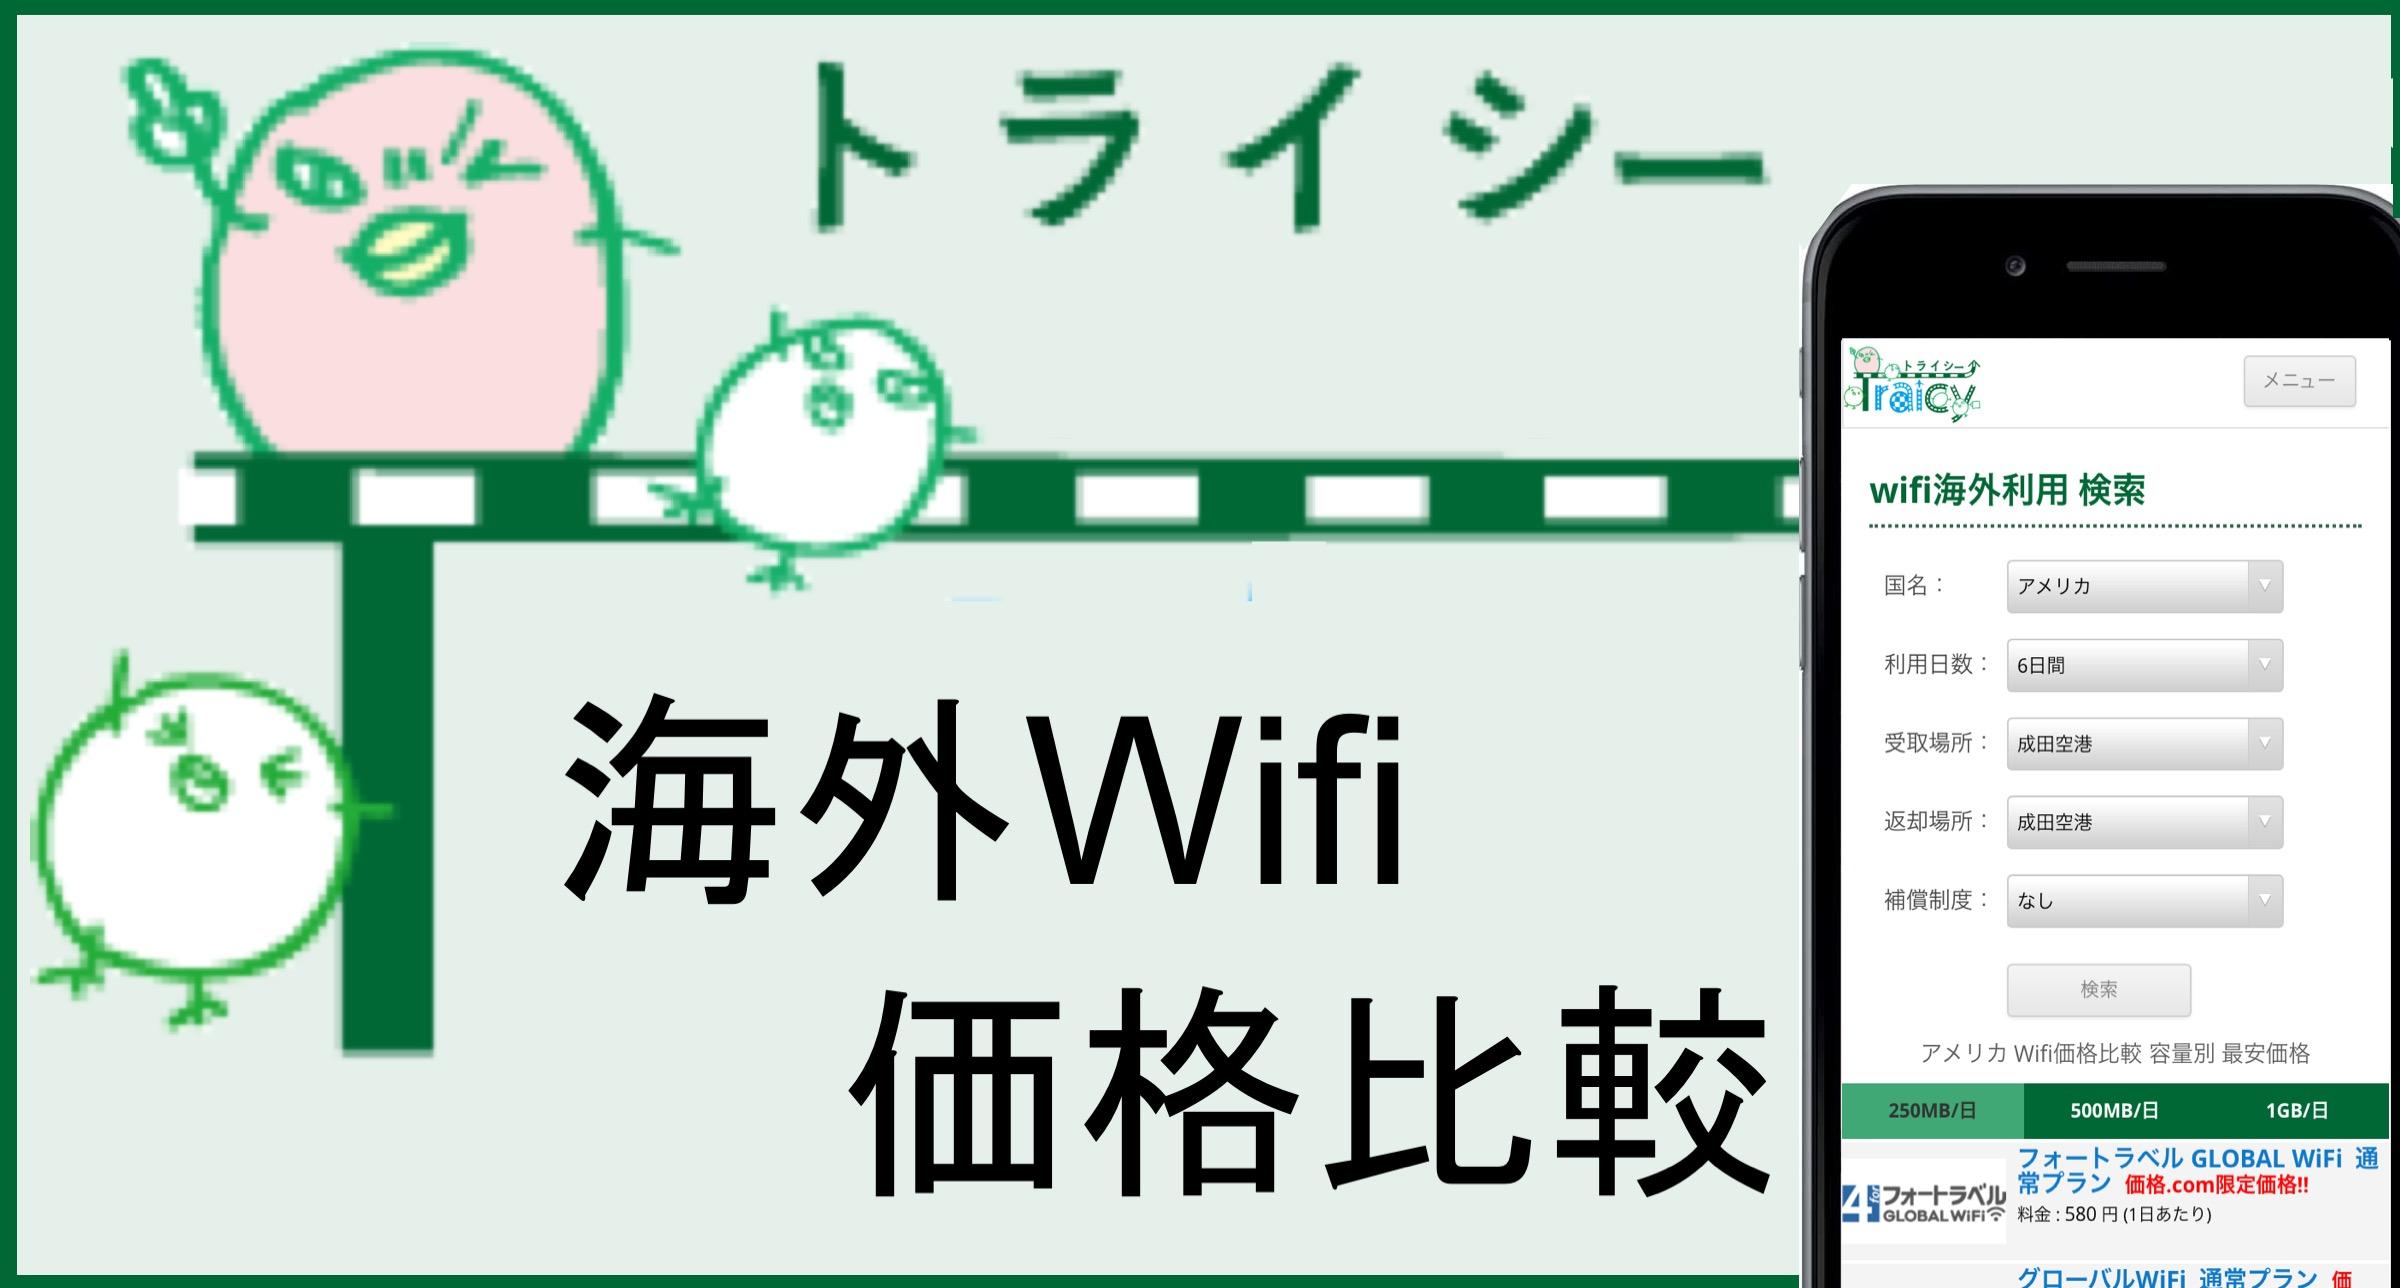 エバー航空、東京/成田~台北/桃園線が往復16,200円からの特別運賃 「ぐでたまジェット」限定で , トラベルメディア「Traicy(トライシー)」